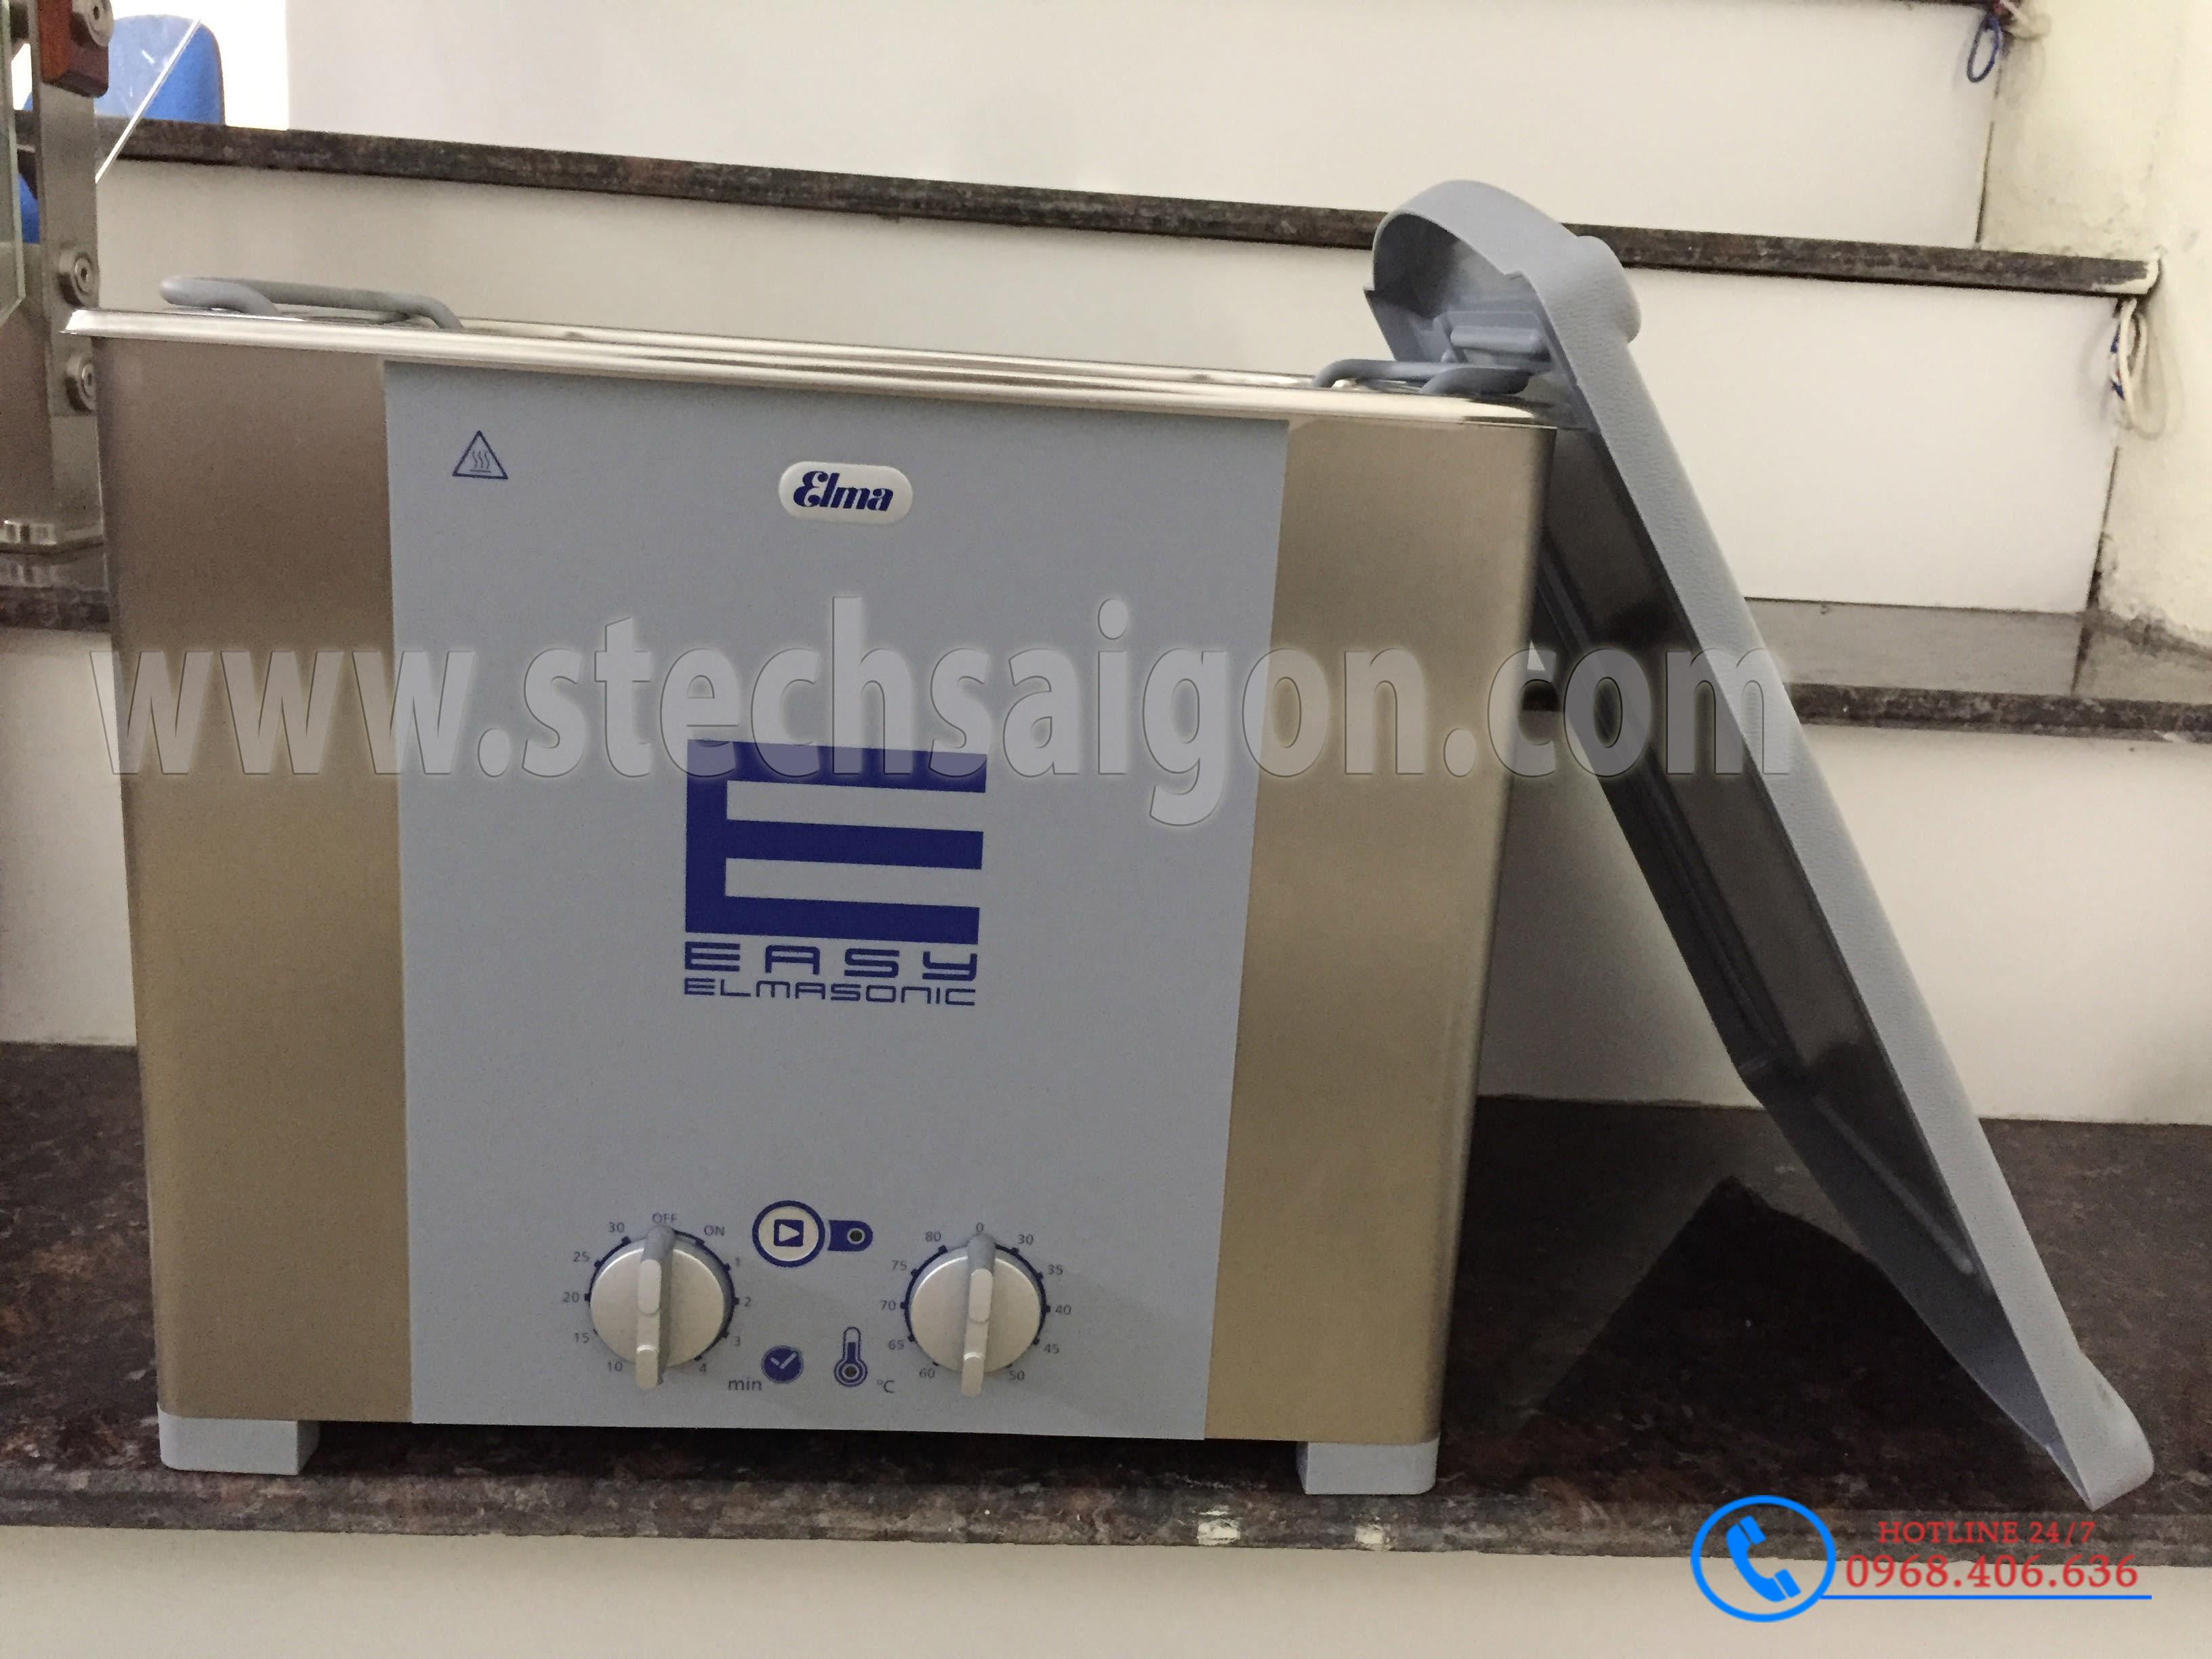 Hình ảnh Bể rửa siêu âm Elma™ Easy 120H - 12.75 lít - Có gia nhiệt cung cấp bởi Stech Sài Gòn. Sản phẩm có sẵn tại Hà Nội và Hồ Chí Minh